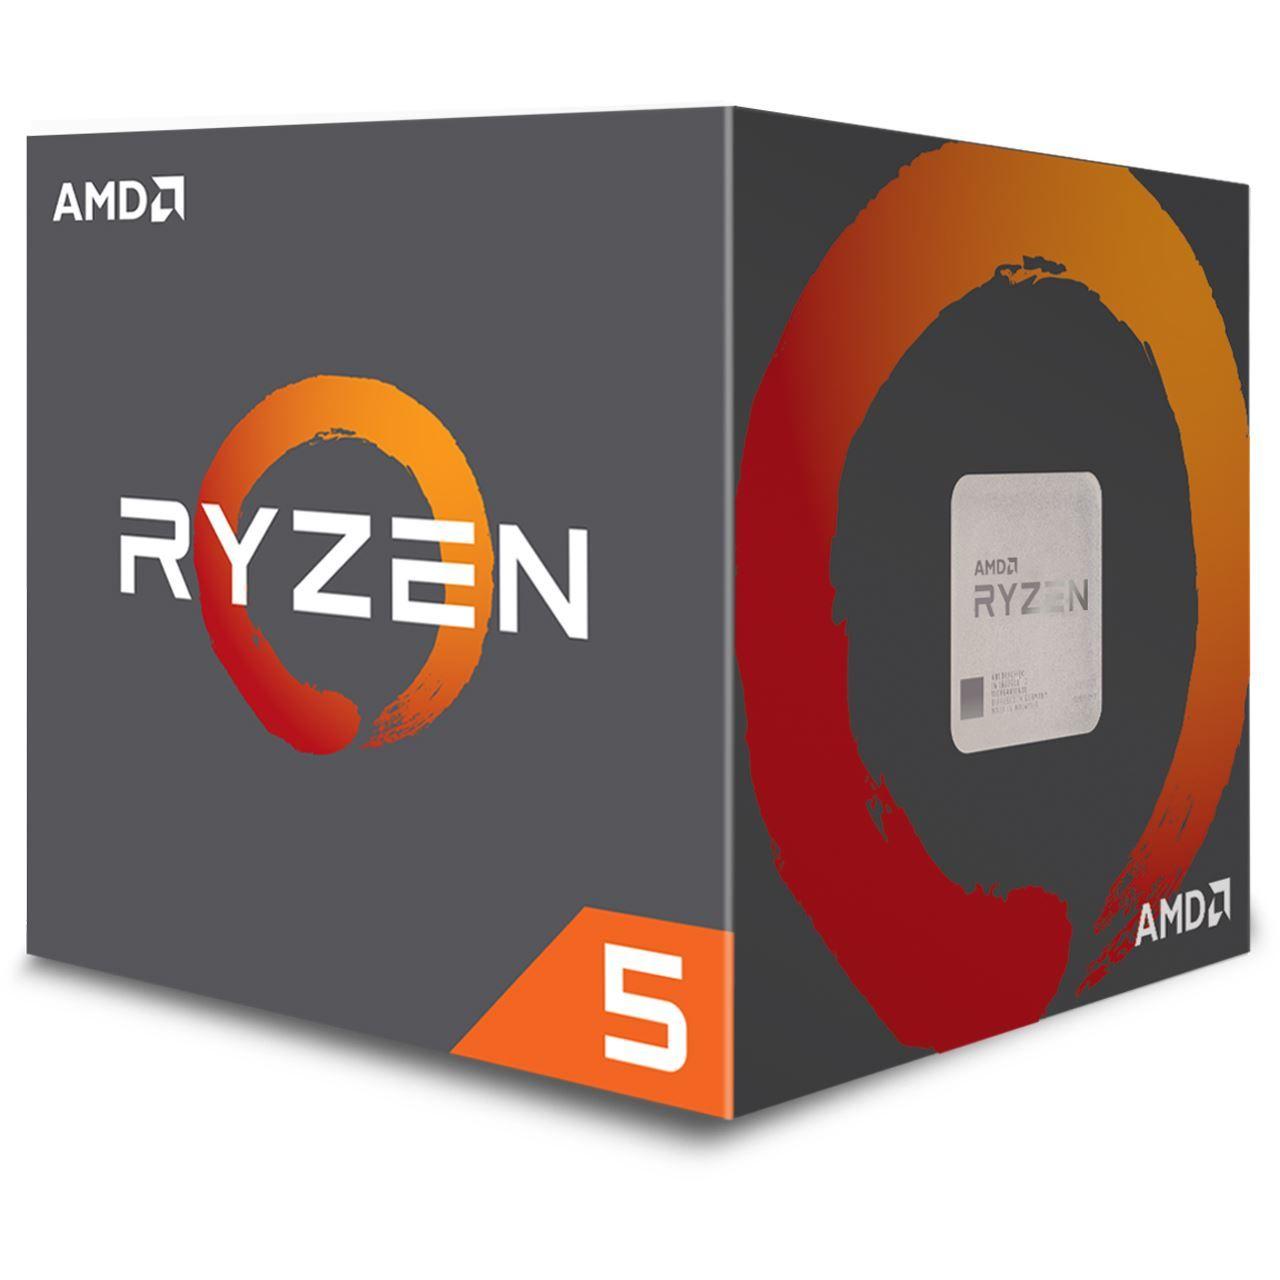 AMD Ryzen 5 2600X 6x 3.60GHz So.AM4 BOX (Auf der Angebotseite zu finden)